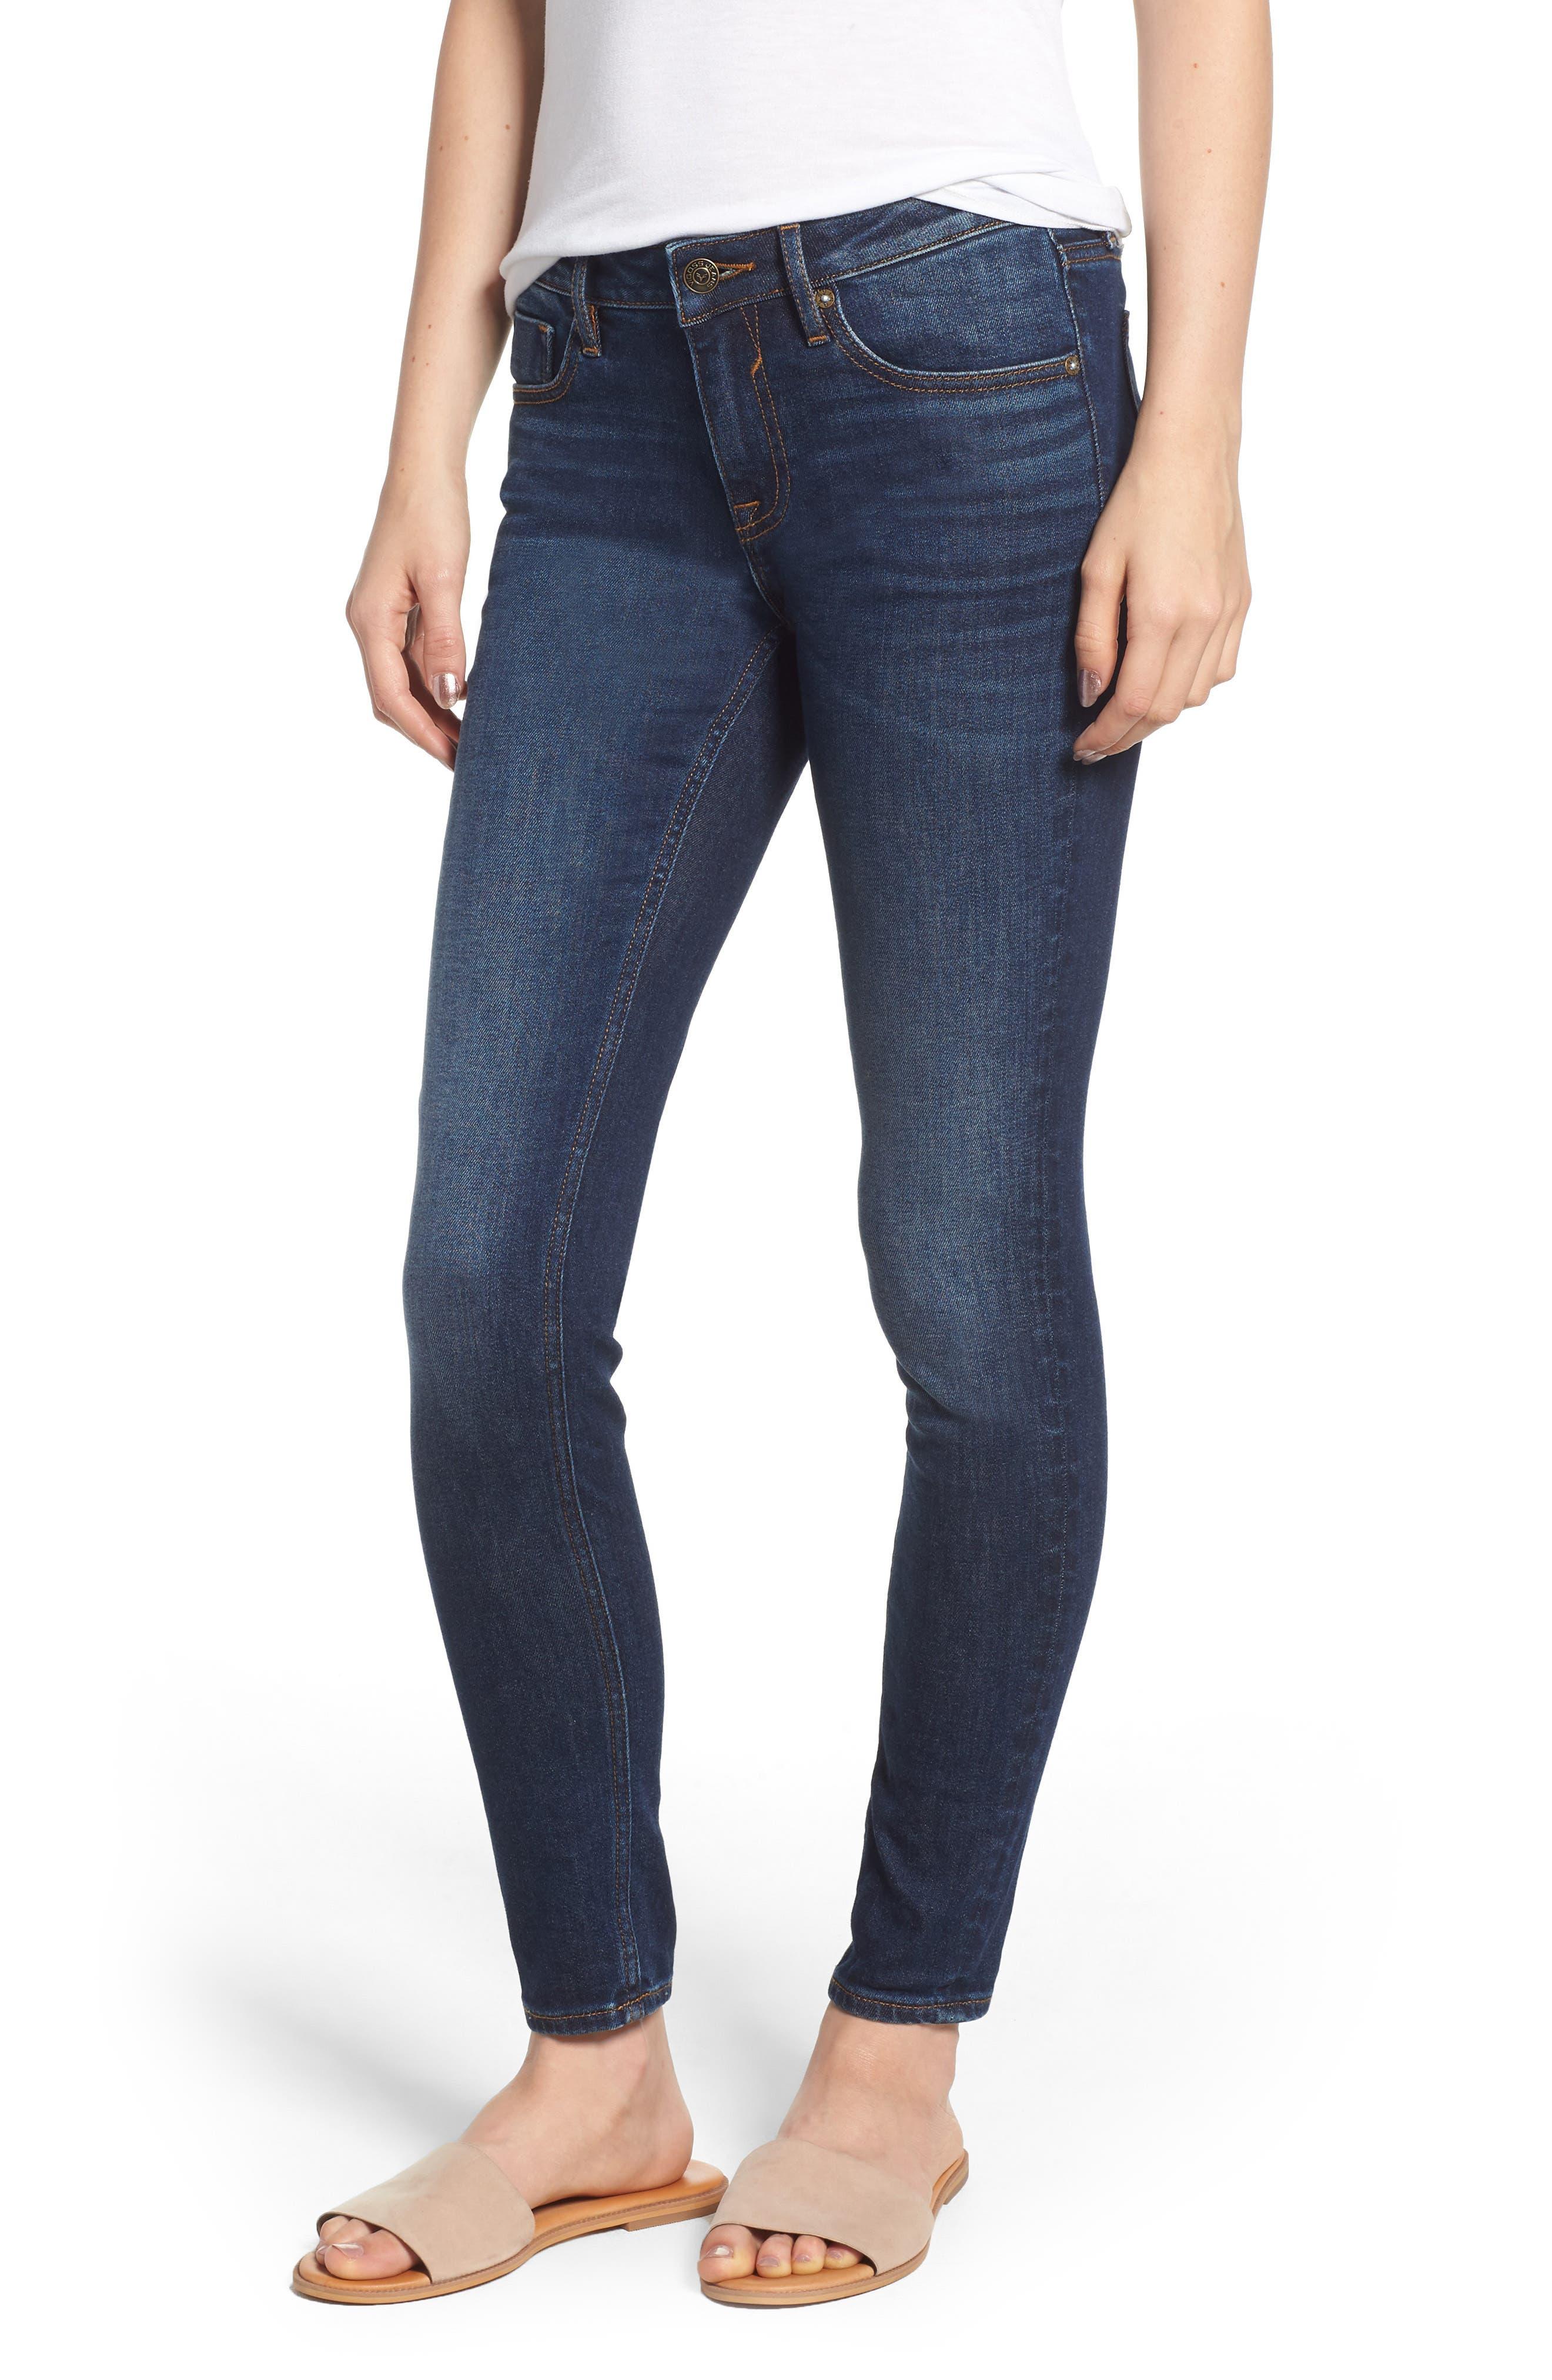 Jagger Skinny Jeans,                             Main thumbnail 1, color,                             DARK WASH